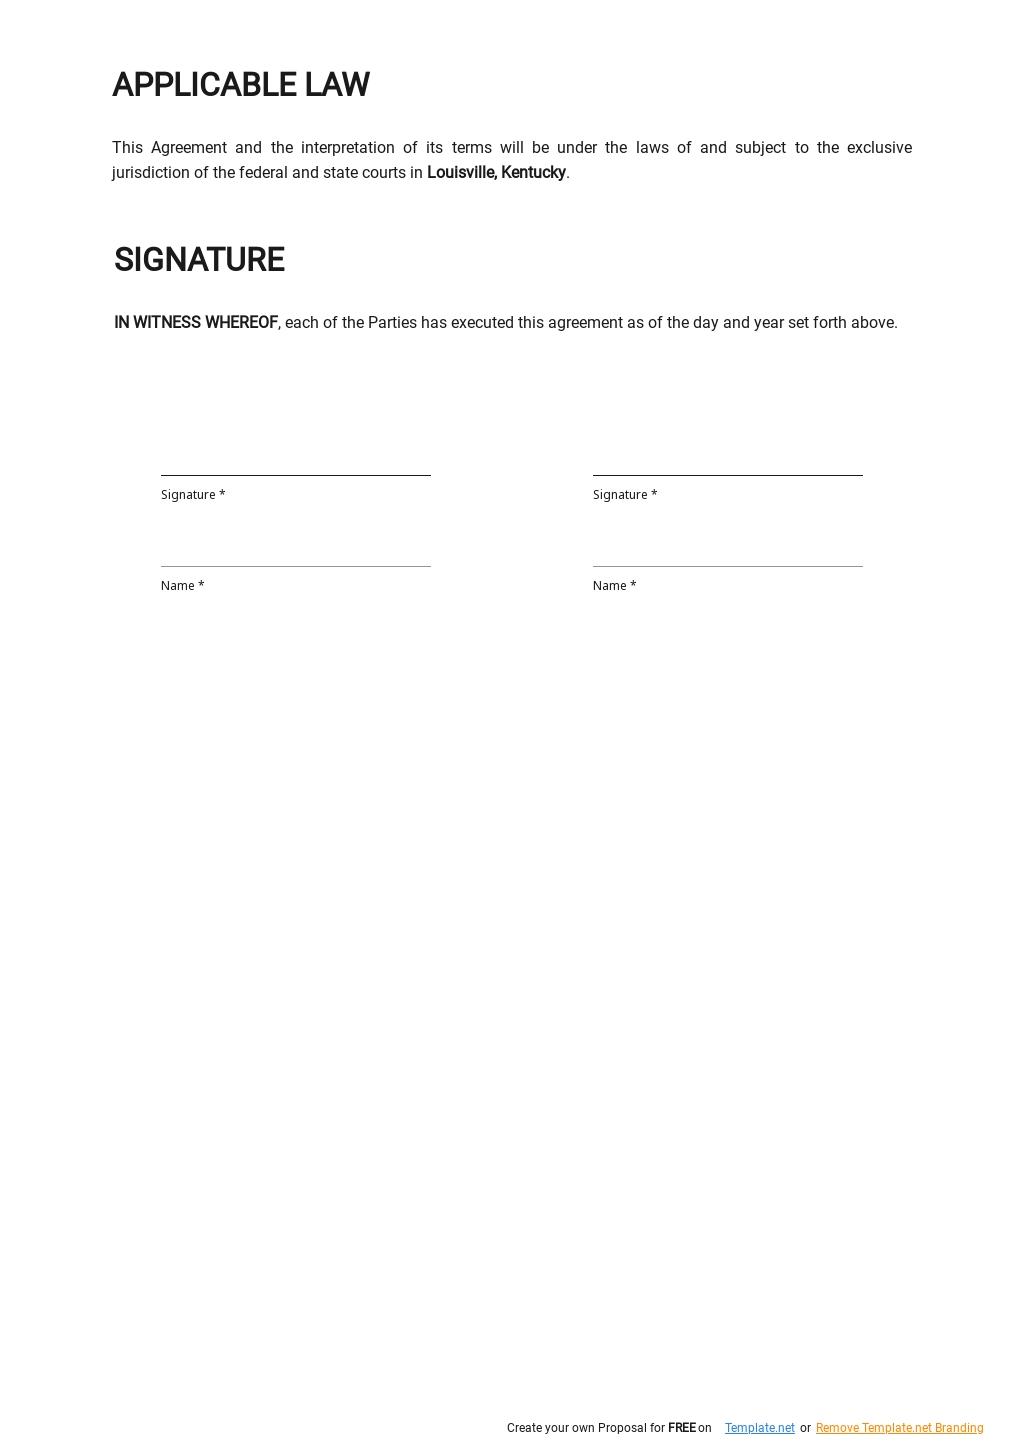 Sample Technology Assignment Agreement Template  2.jpe